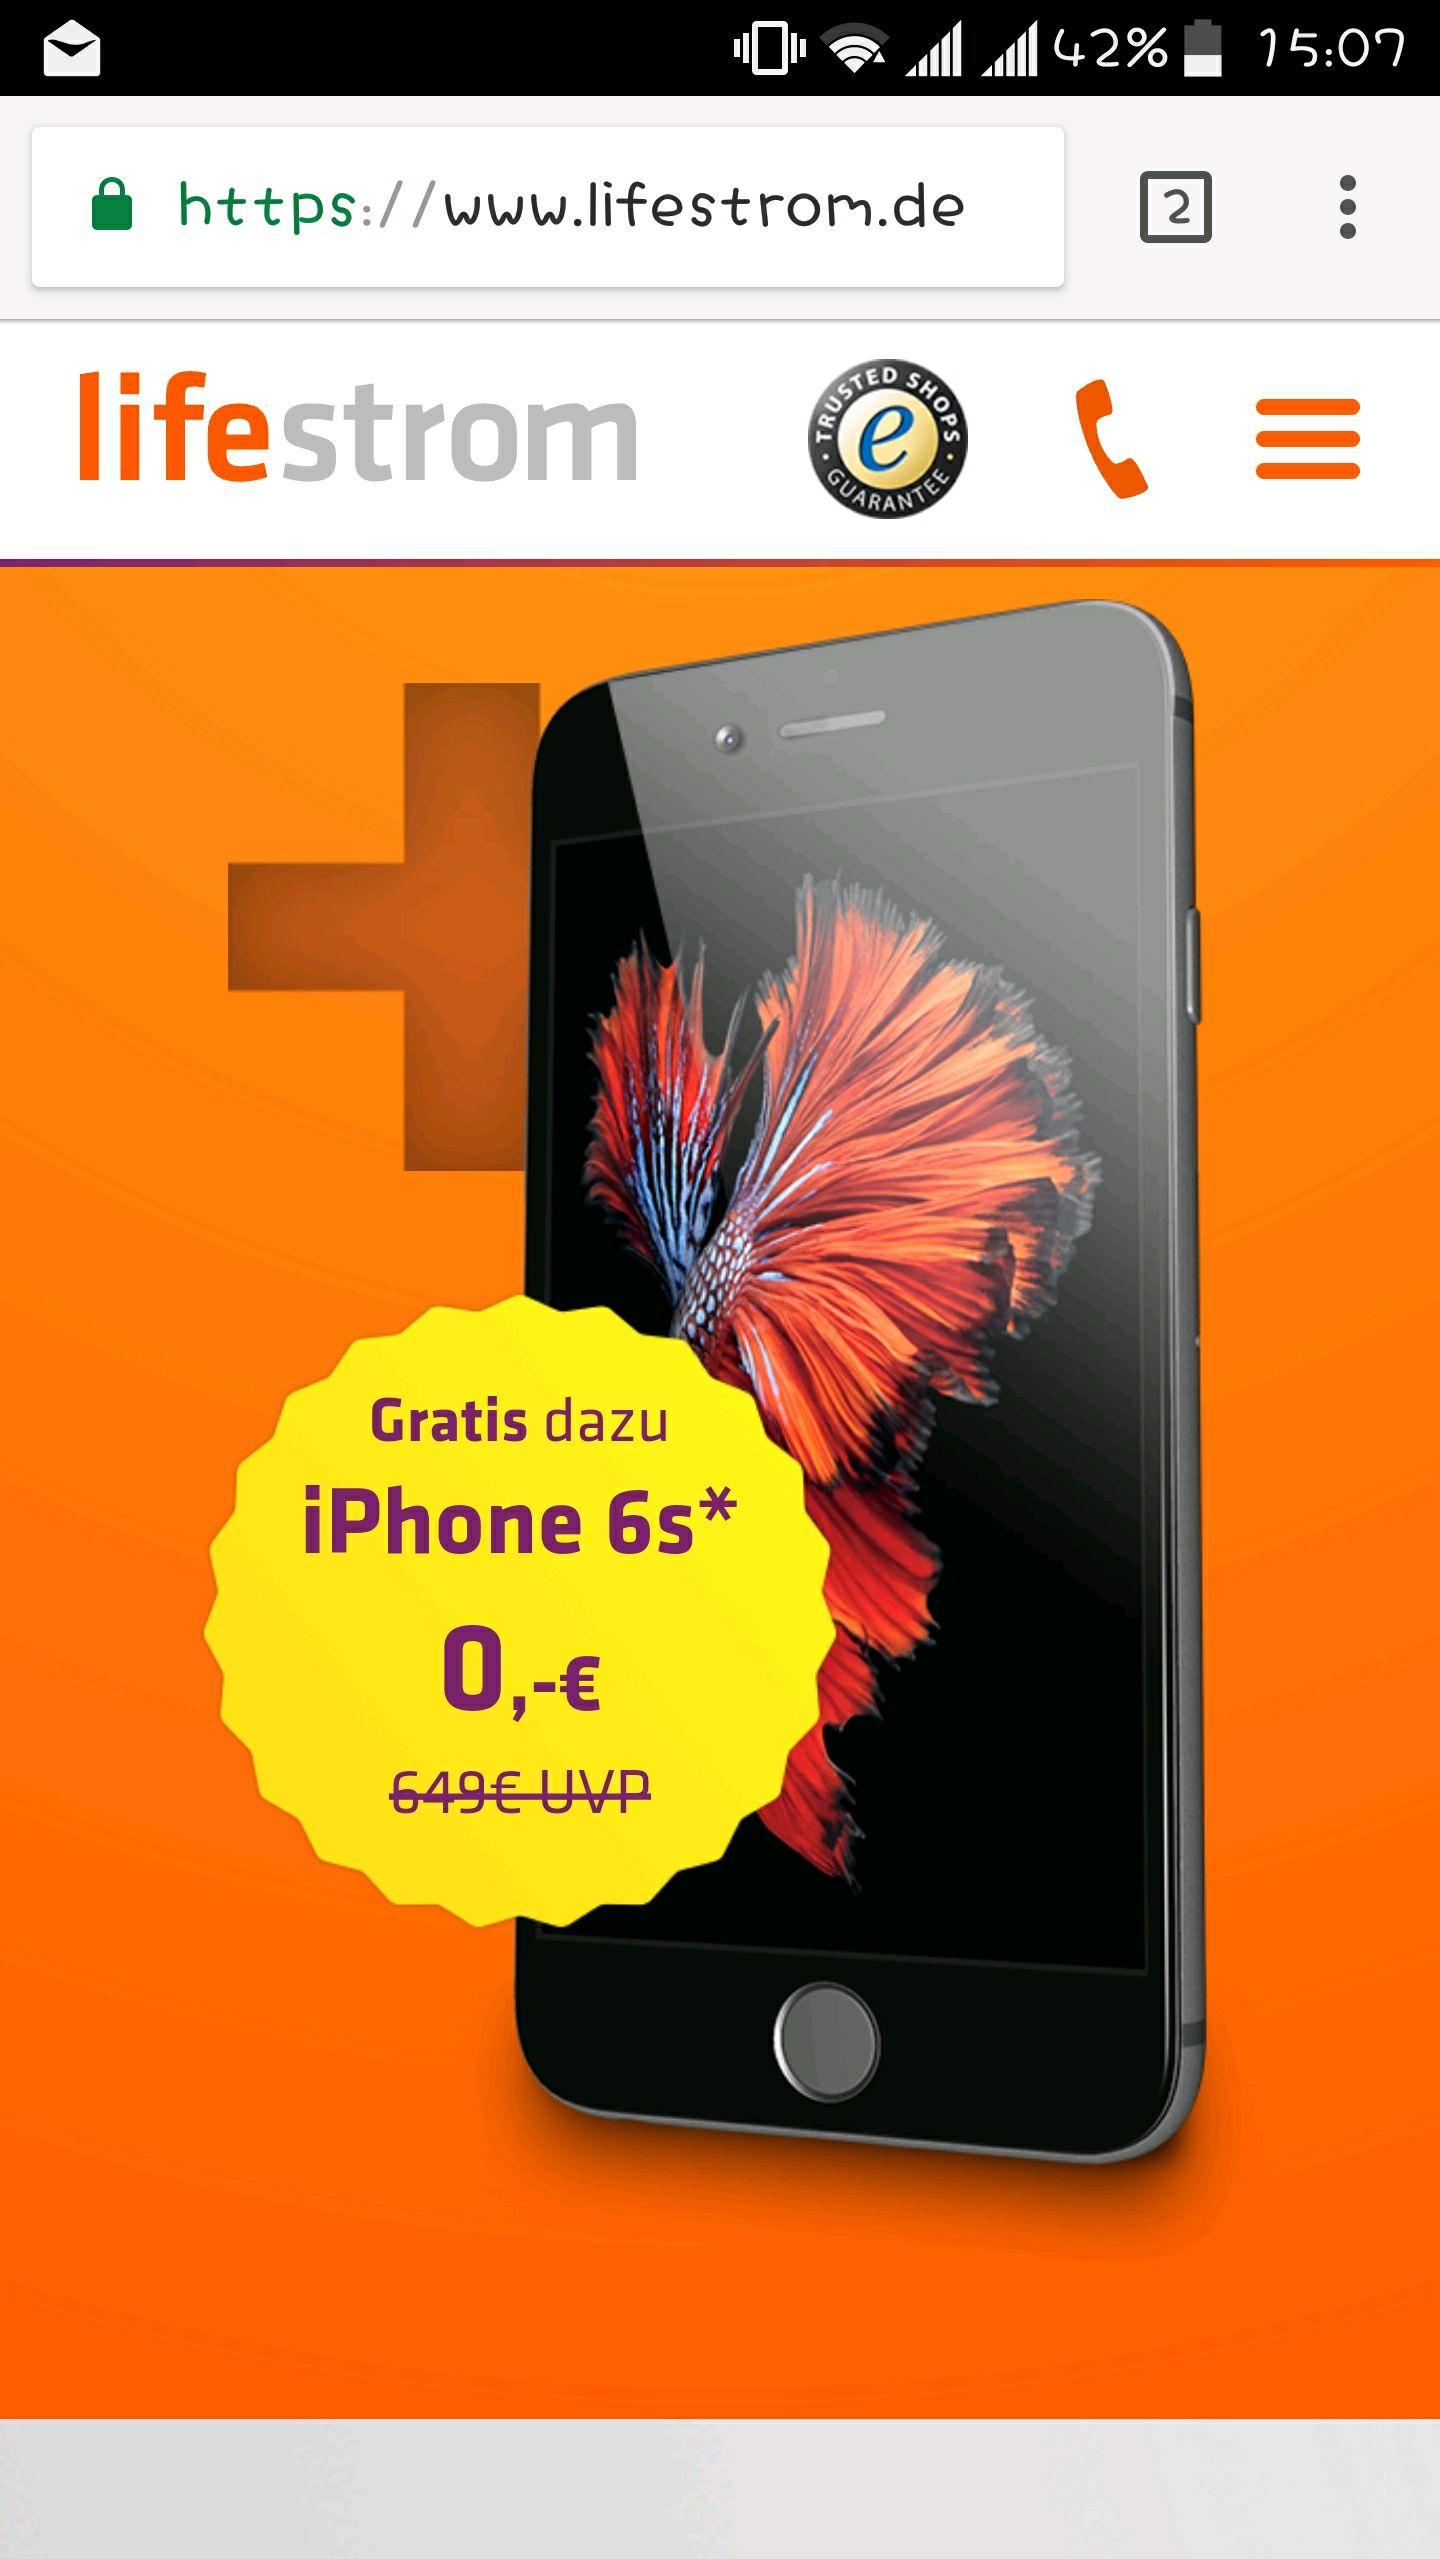 Apple iPhone 6s gratis bei Abschluss eines Strom- oder Gasvertrags